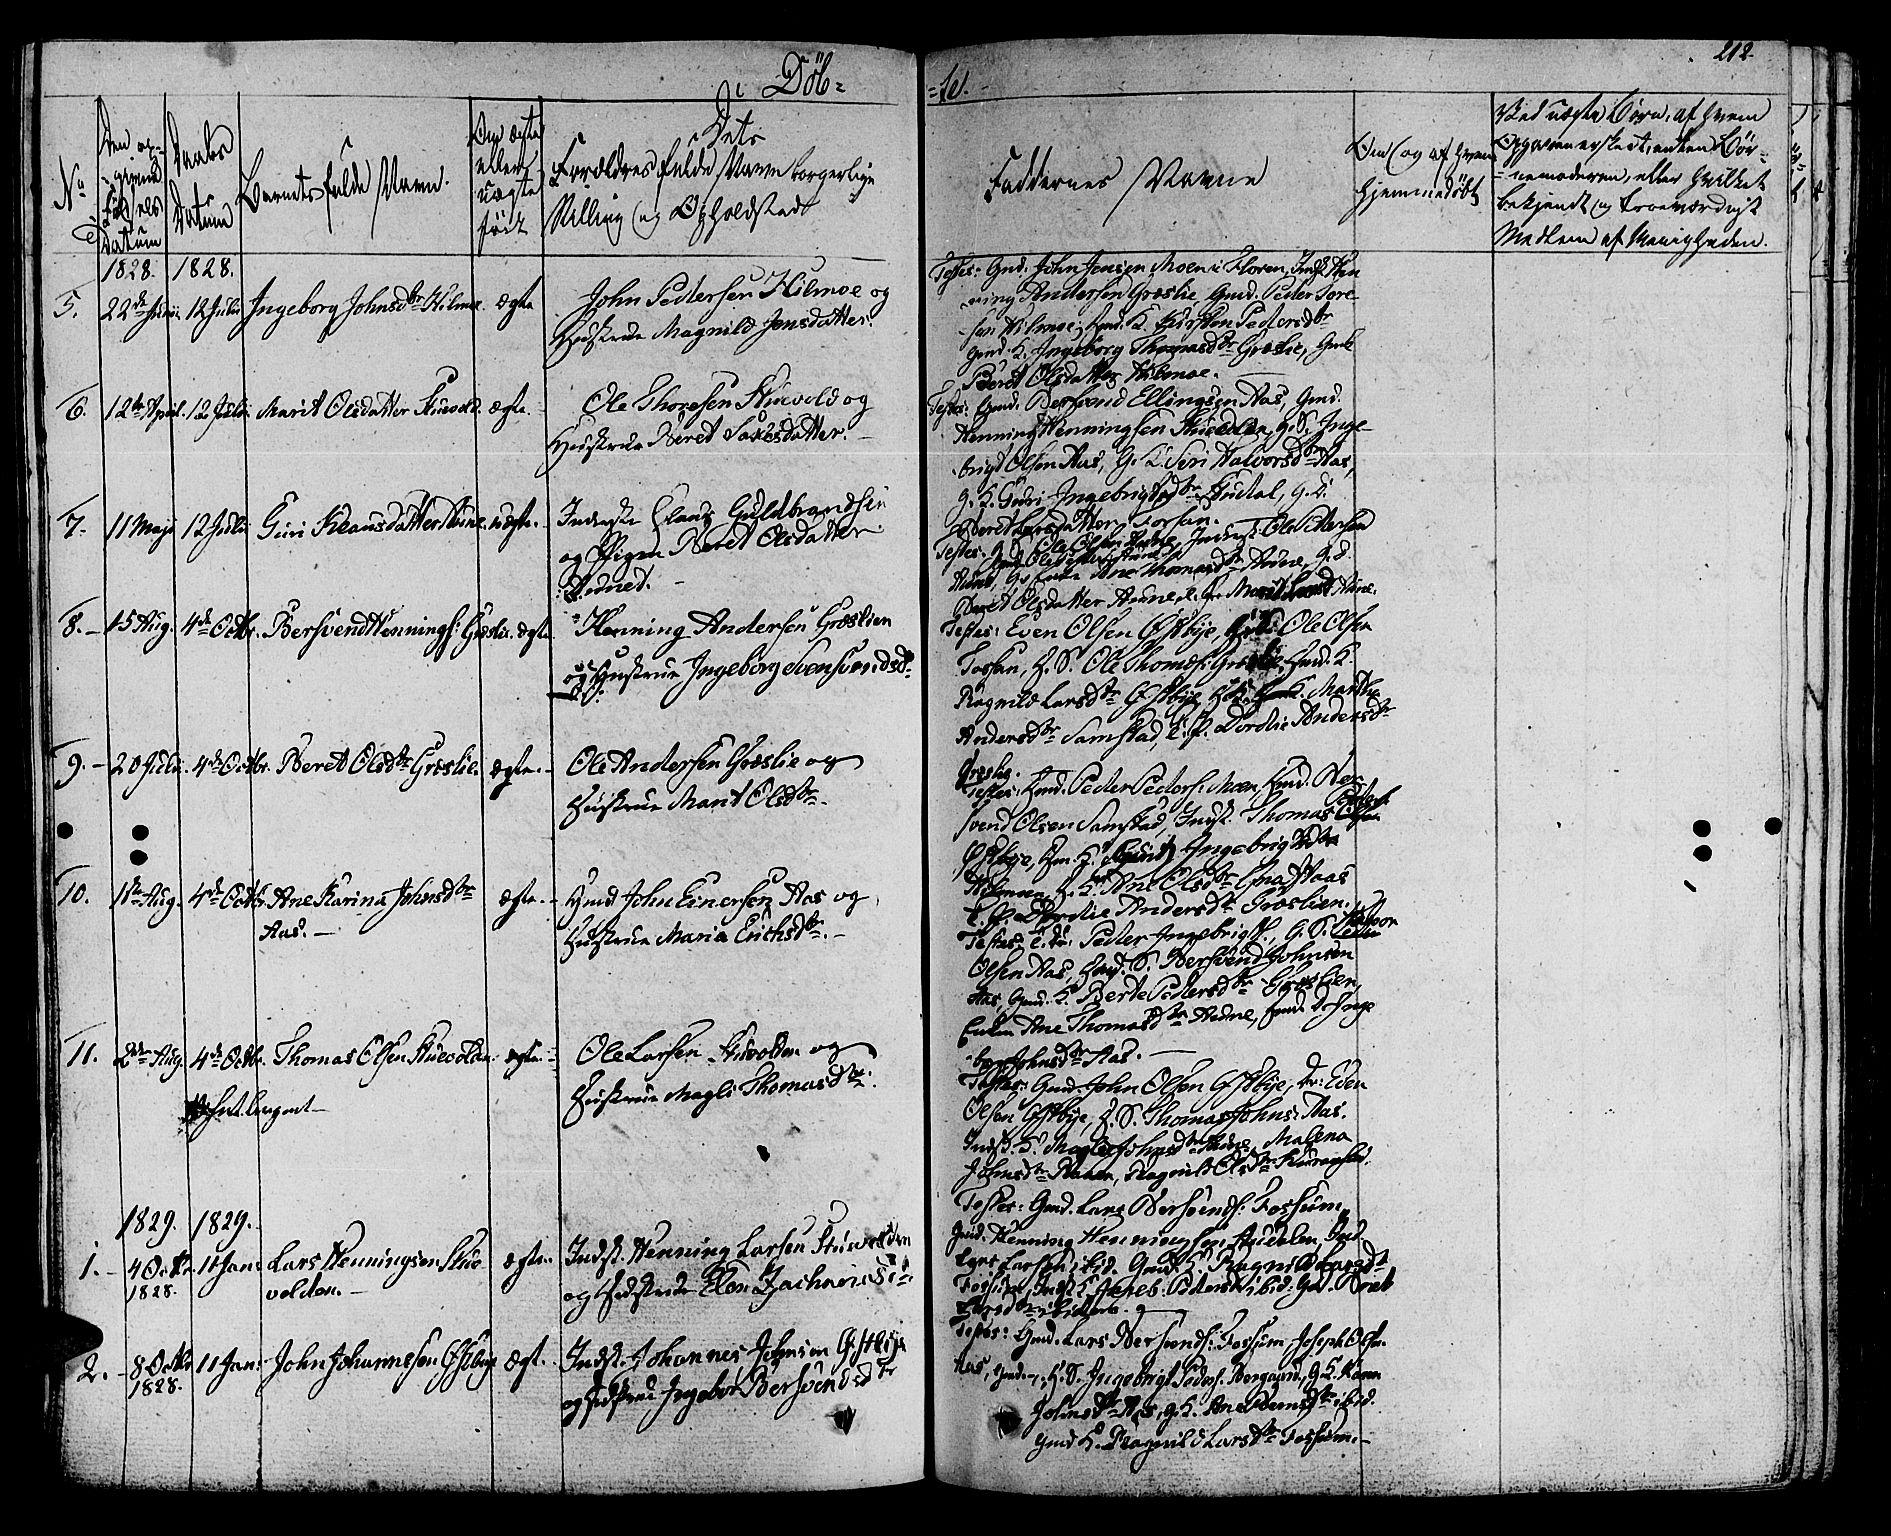 SAT, Ministerialprotokoller, klokkerbøker og fødselsregistre - Sør-Trøndelag, 695/L1144: Ministerialbok nr. 695A05 /2, 1824-1842, s. 212